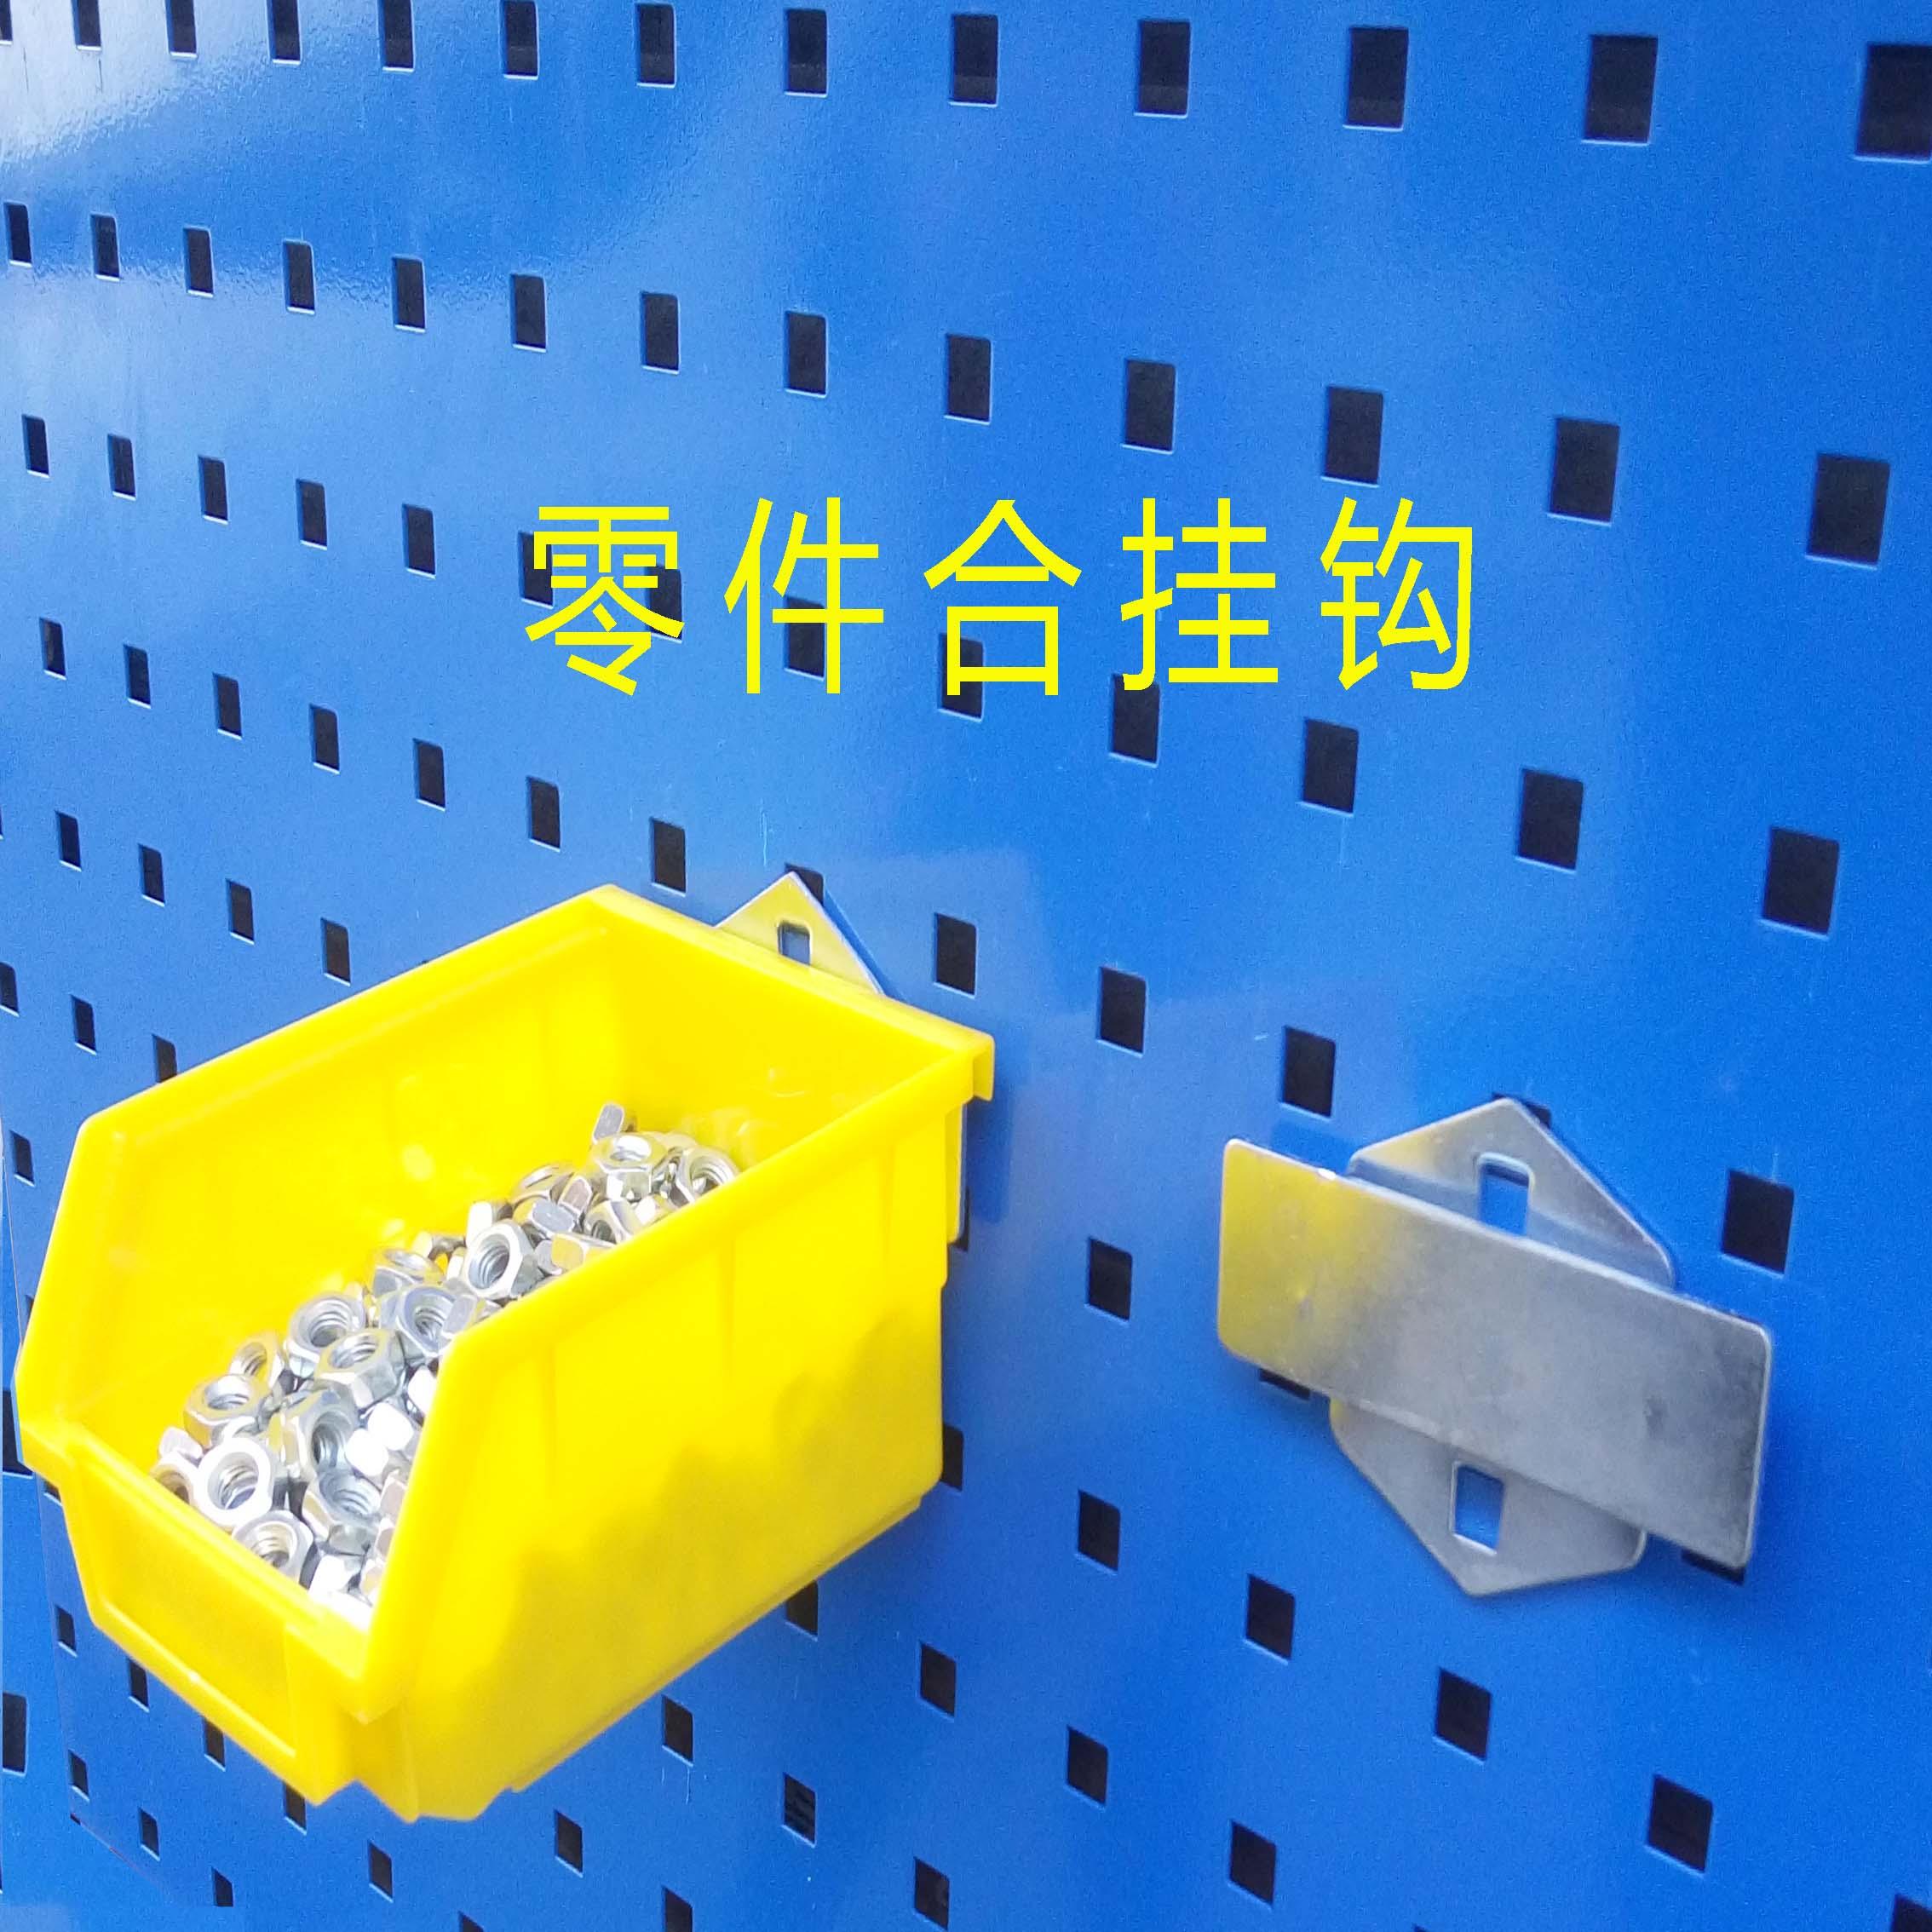 Частей коробка подключить ящик для инструментов вещь стойка коробка винт коробка инструмент полка подключить квадратное отверстие инструмент сайдинг подключить